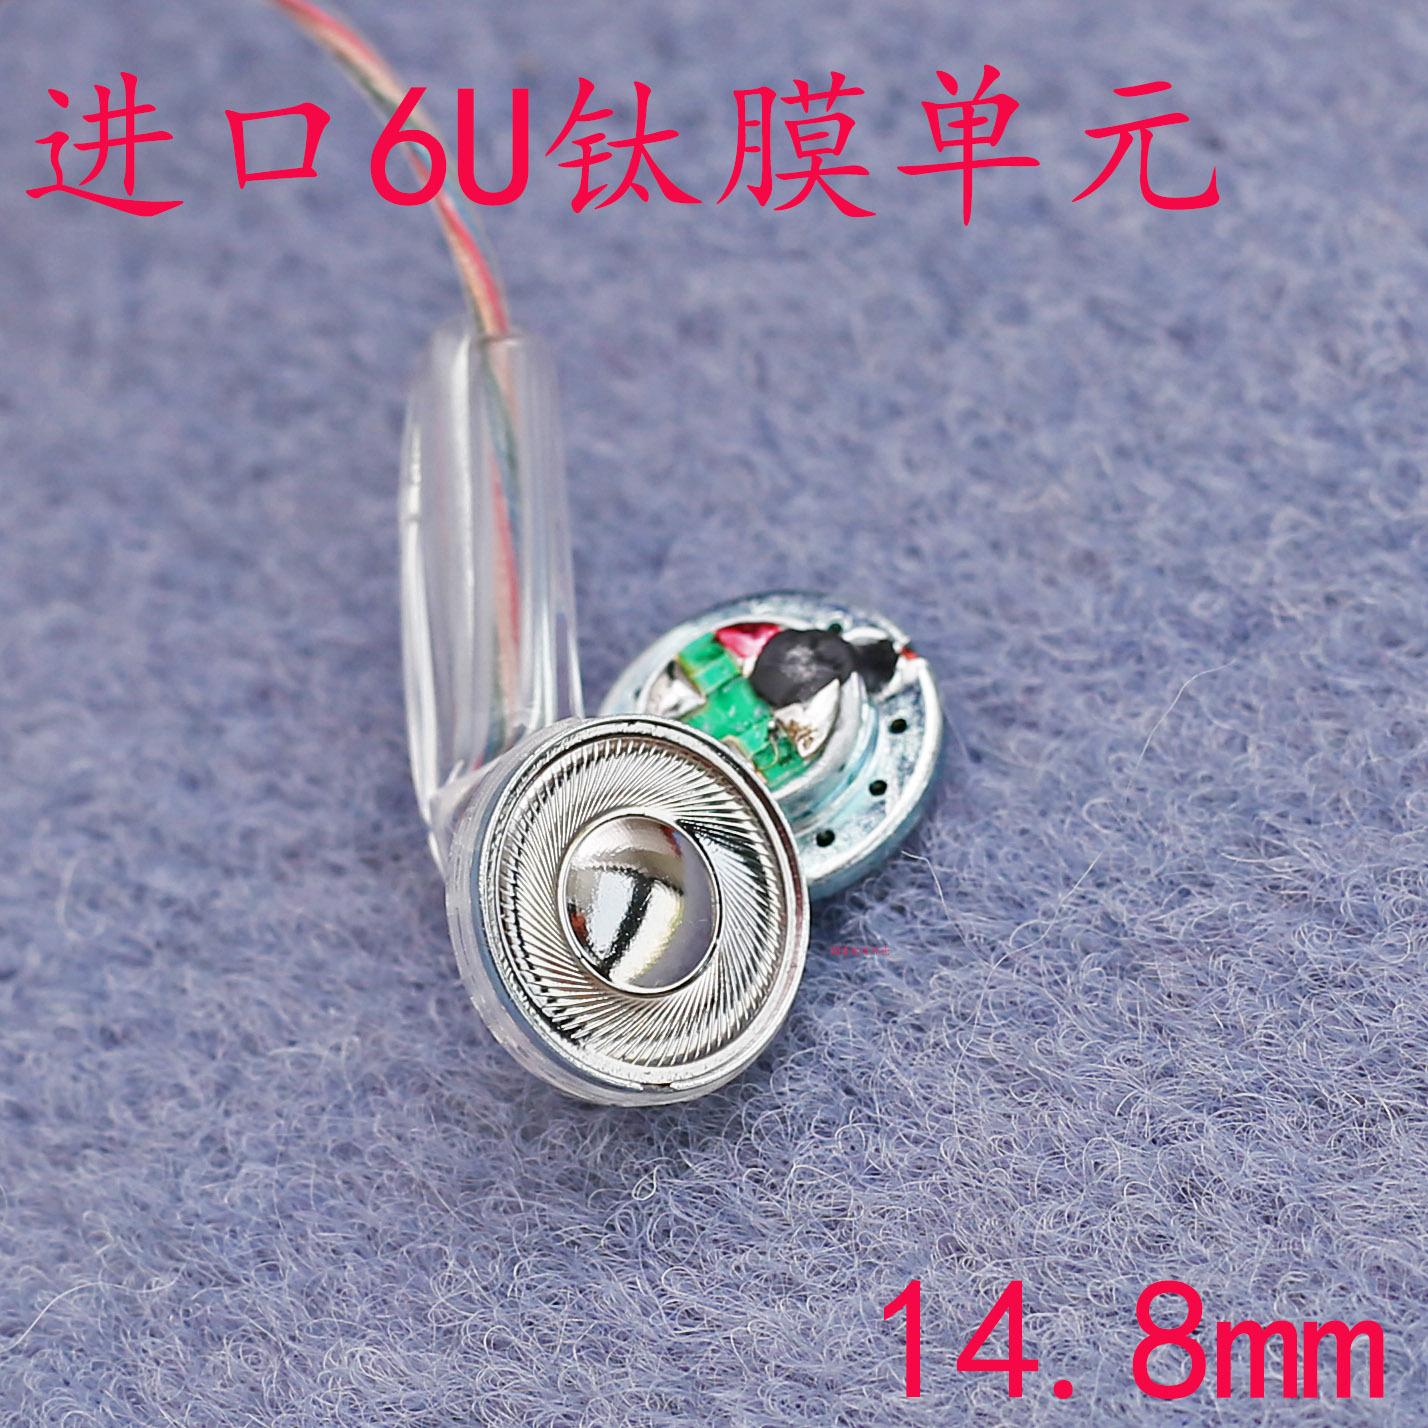 定制高端diy耳機單元發燒喇叭14.8mm進口6U鈦膜兼容15.4mm外殼